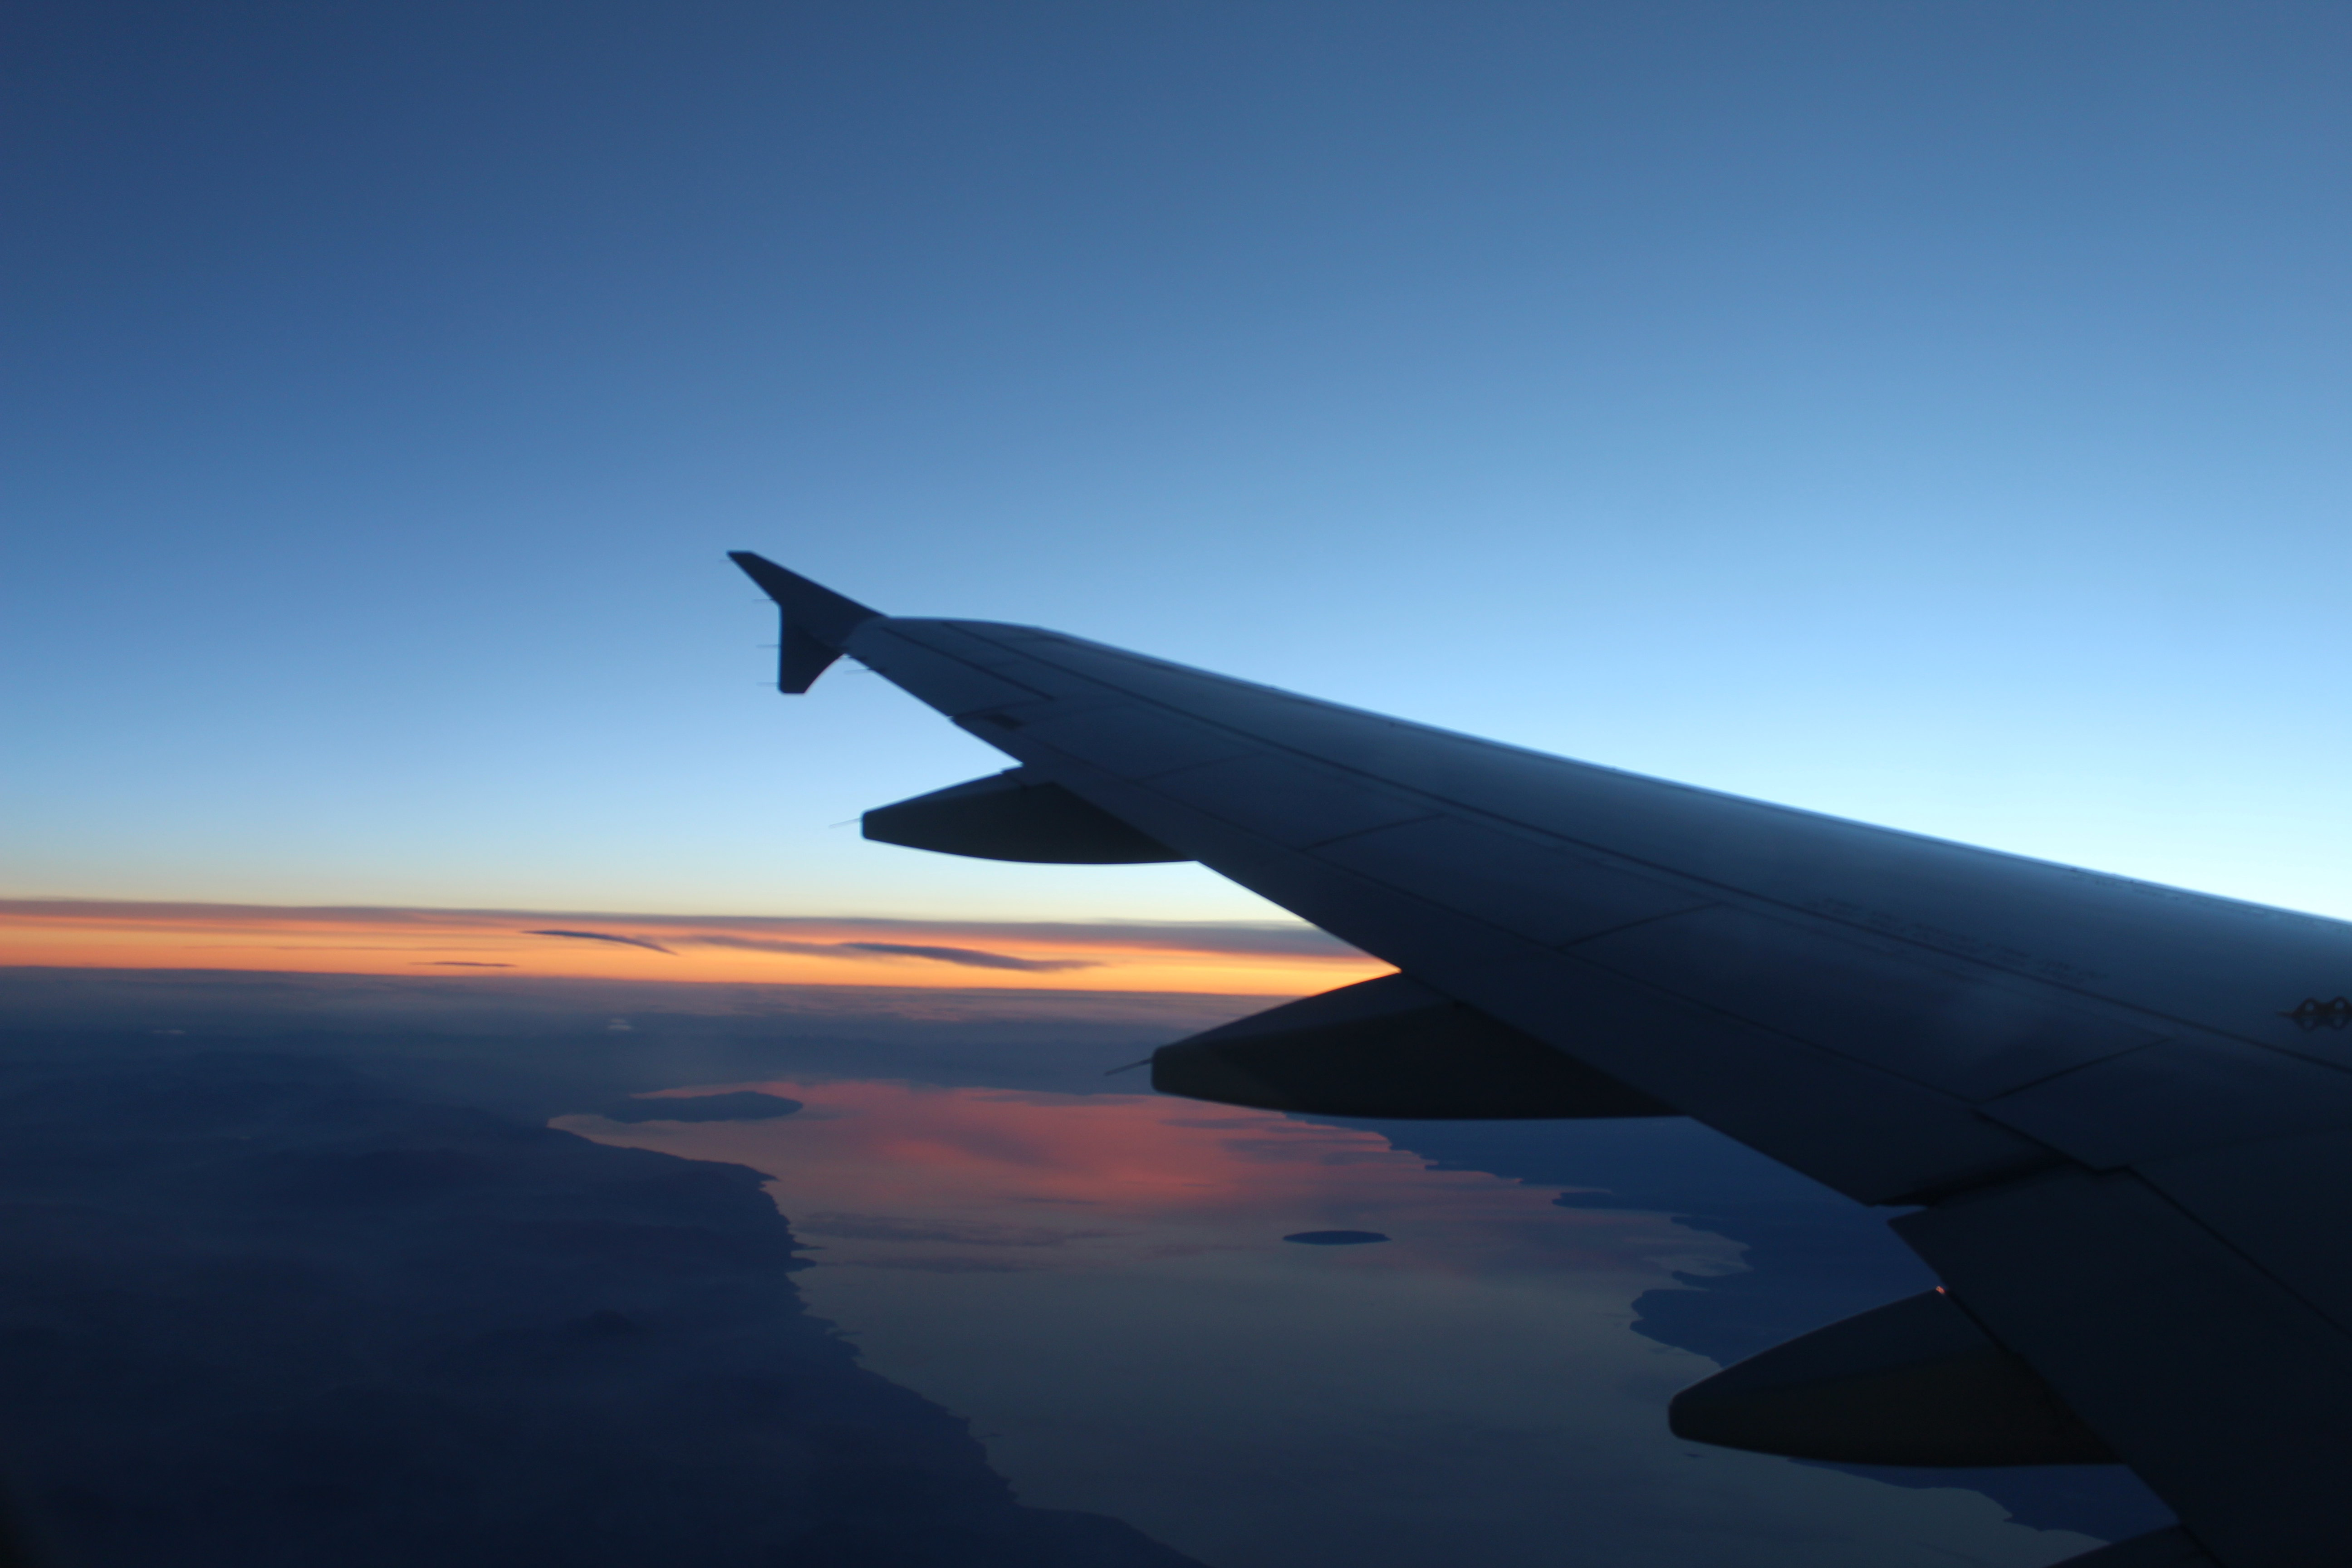 在飞机上看日出日落和地上不一样